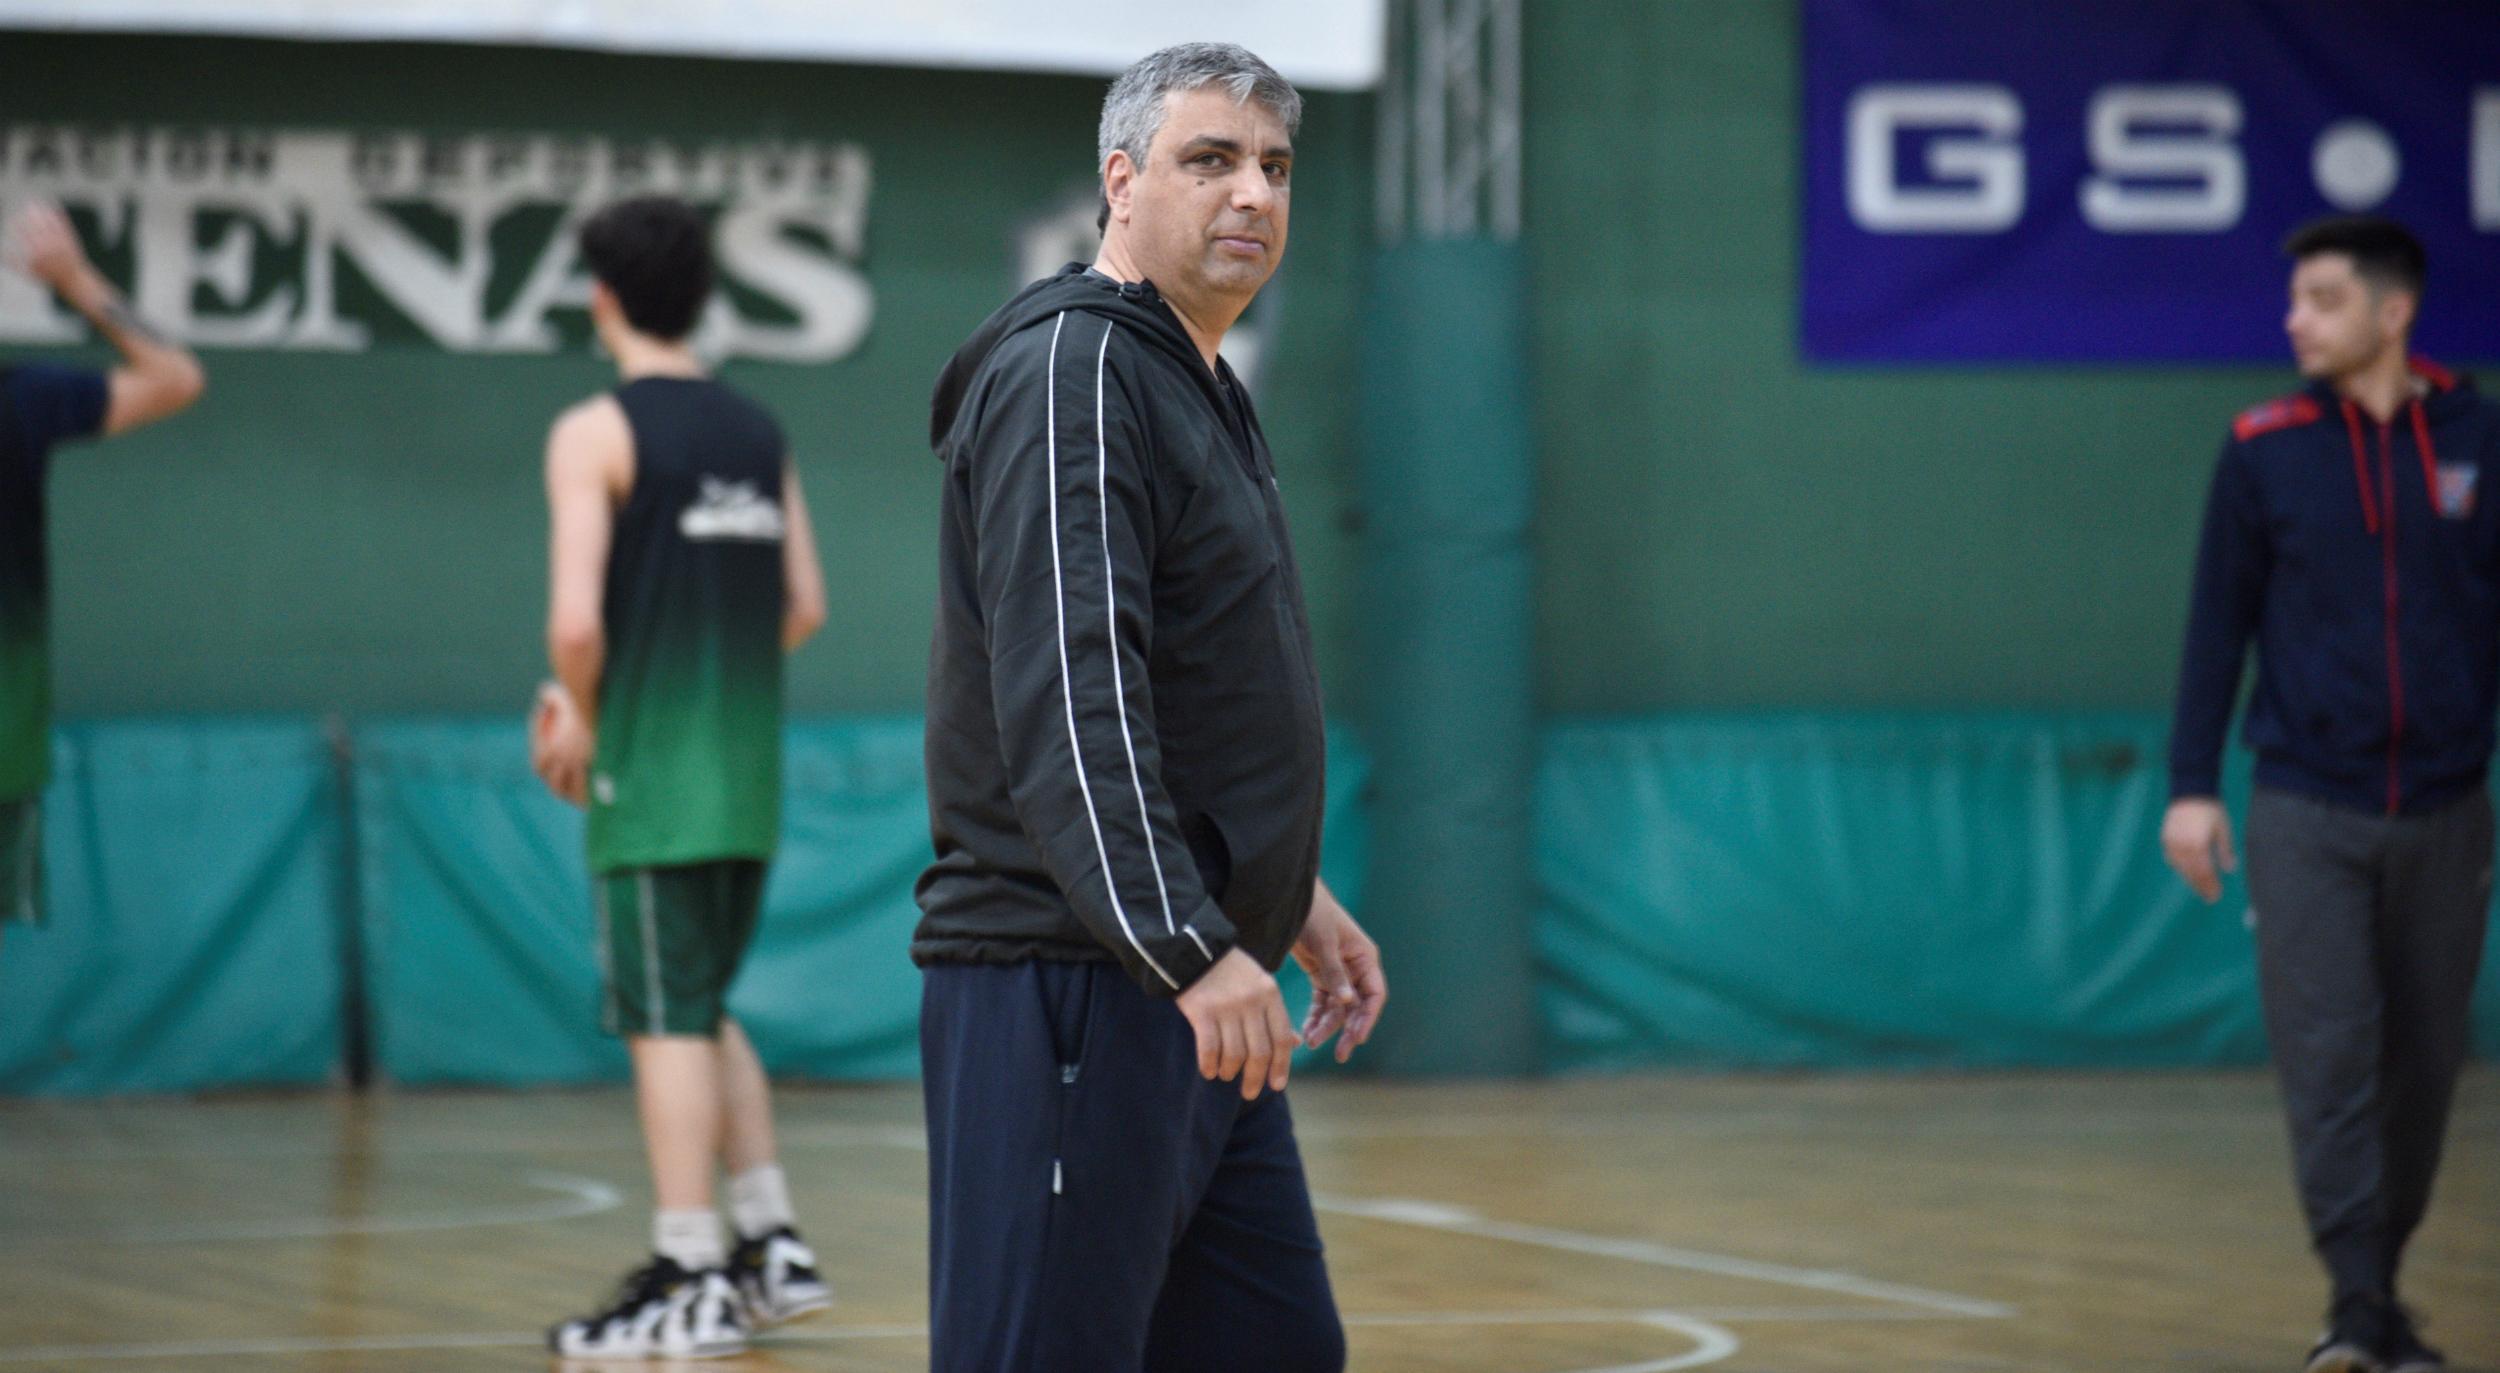 El entrenador de Atenas de Córdoba falleció este lunes por complicaciones en su cuadro de coronavirus.